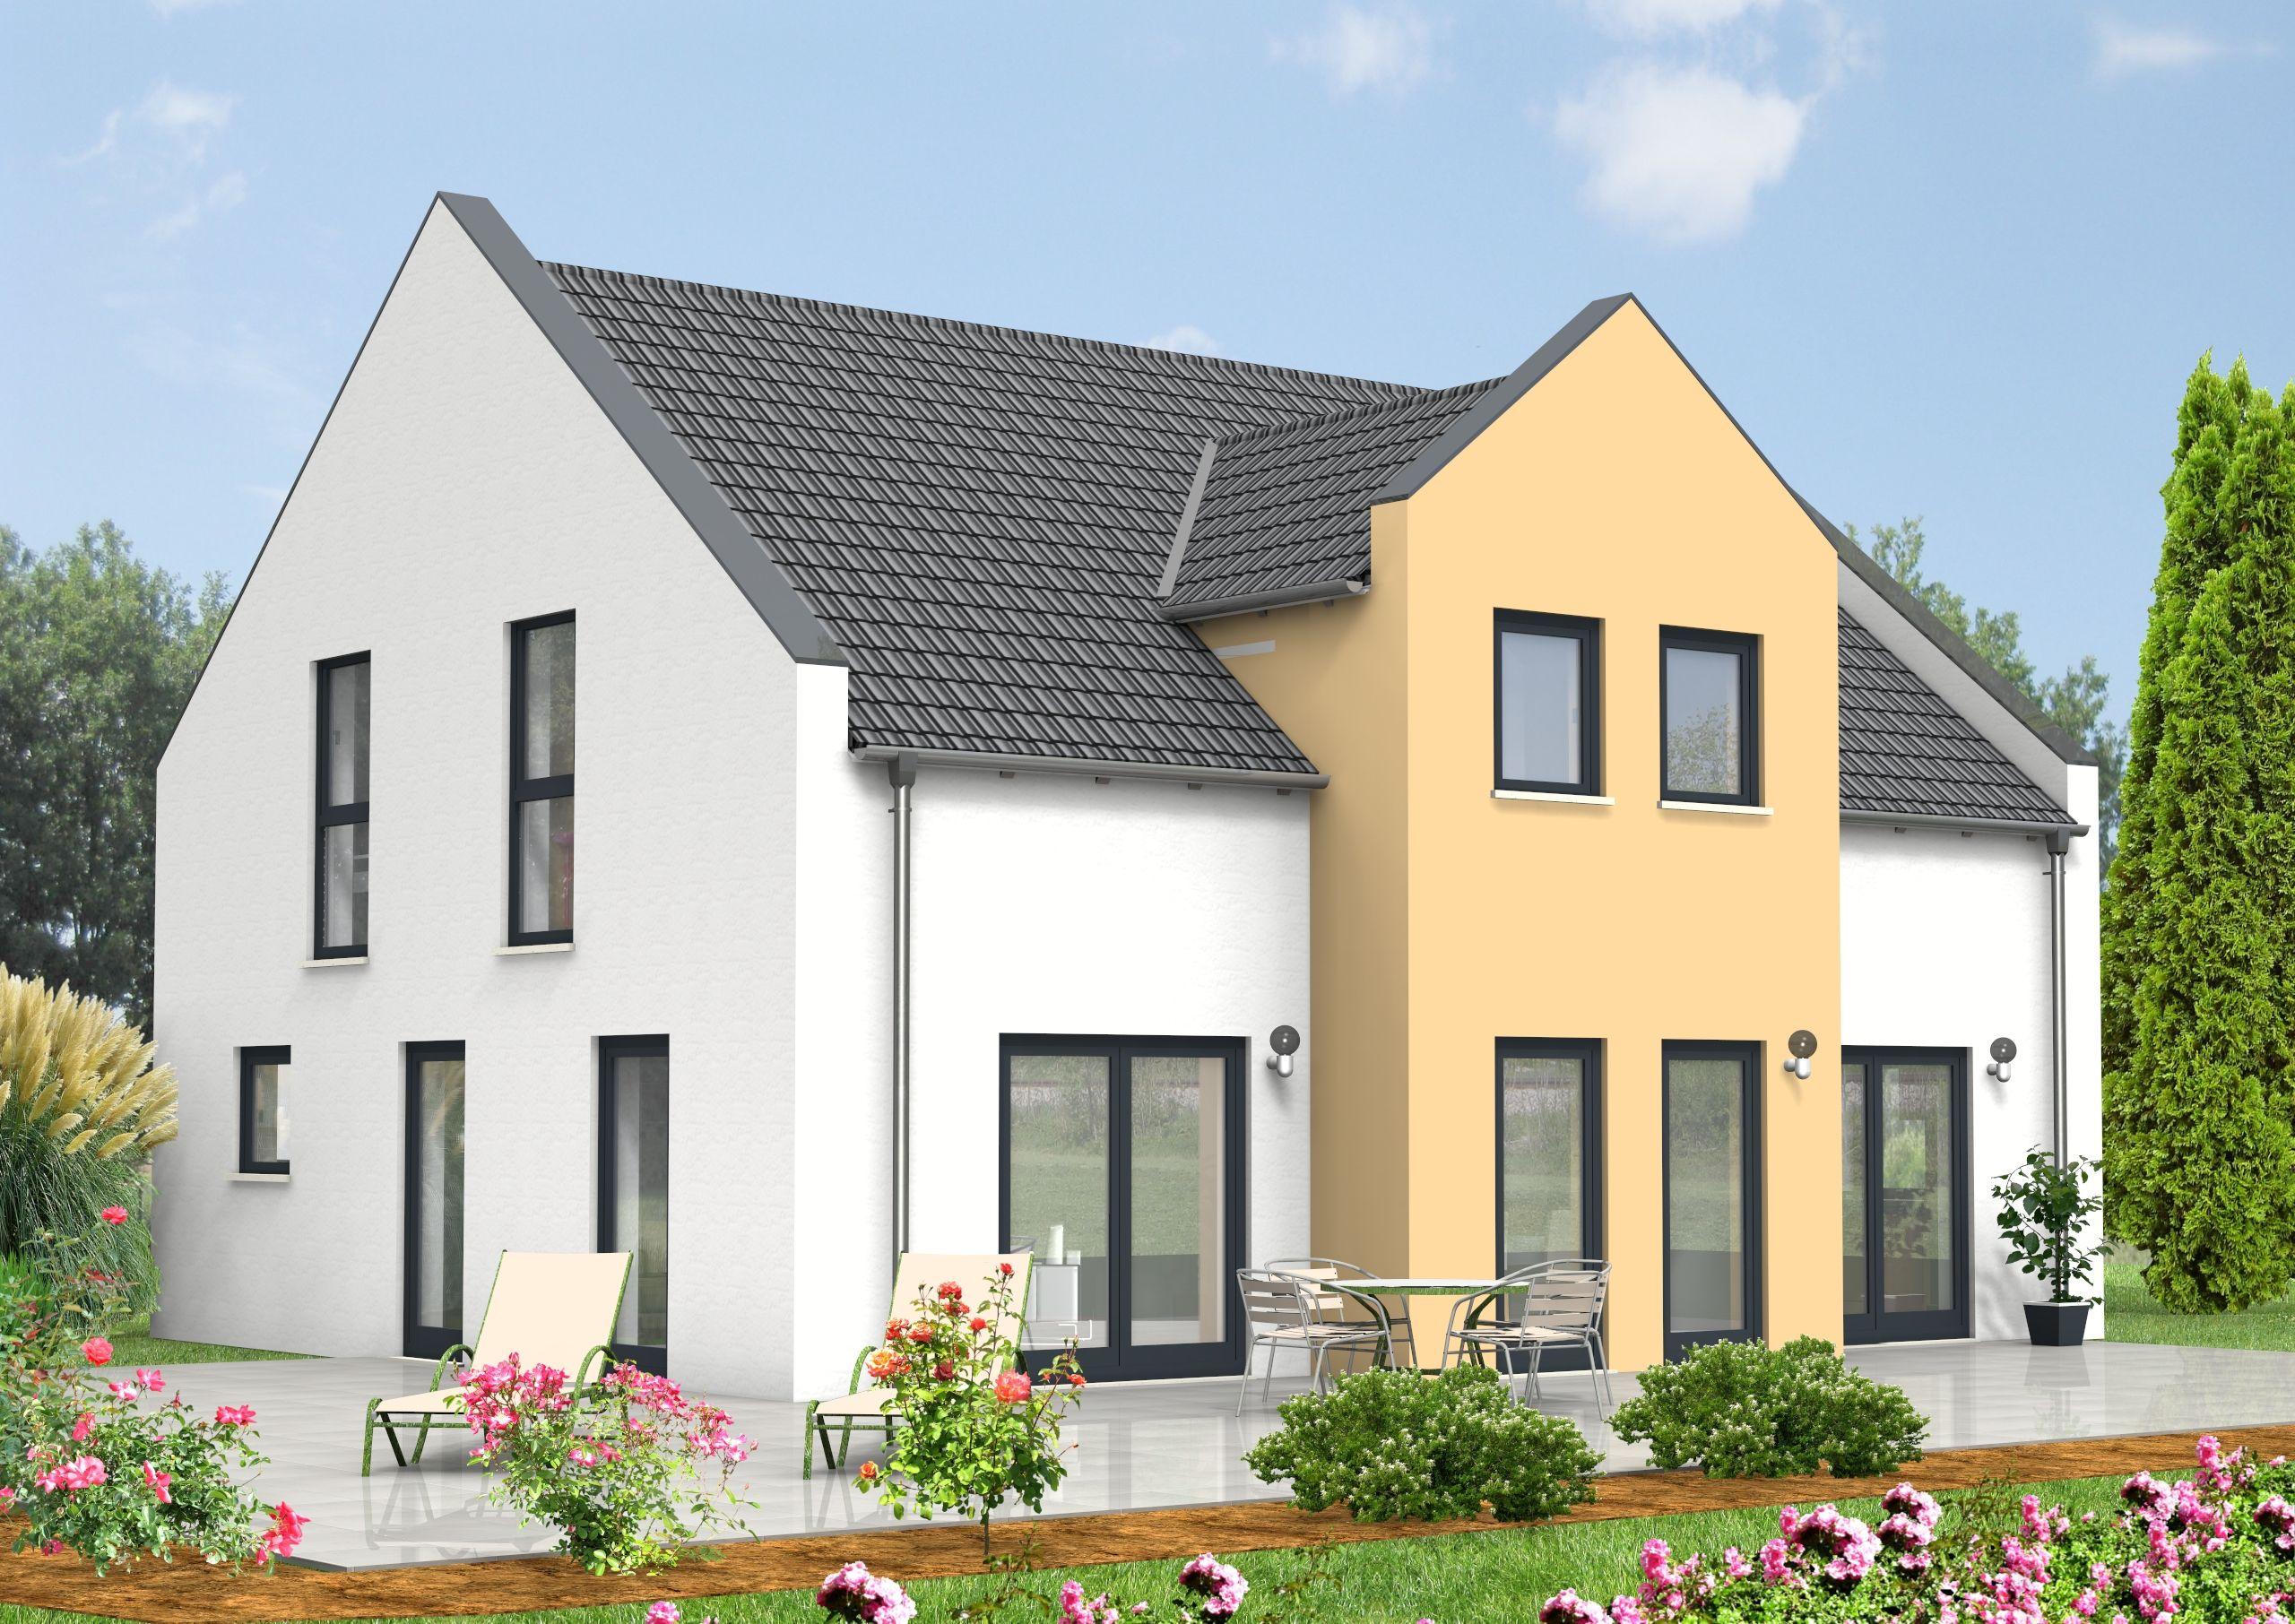 Okologischer Hausbau In Obernheim Ihr Okologisches